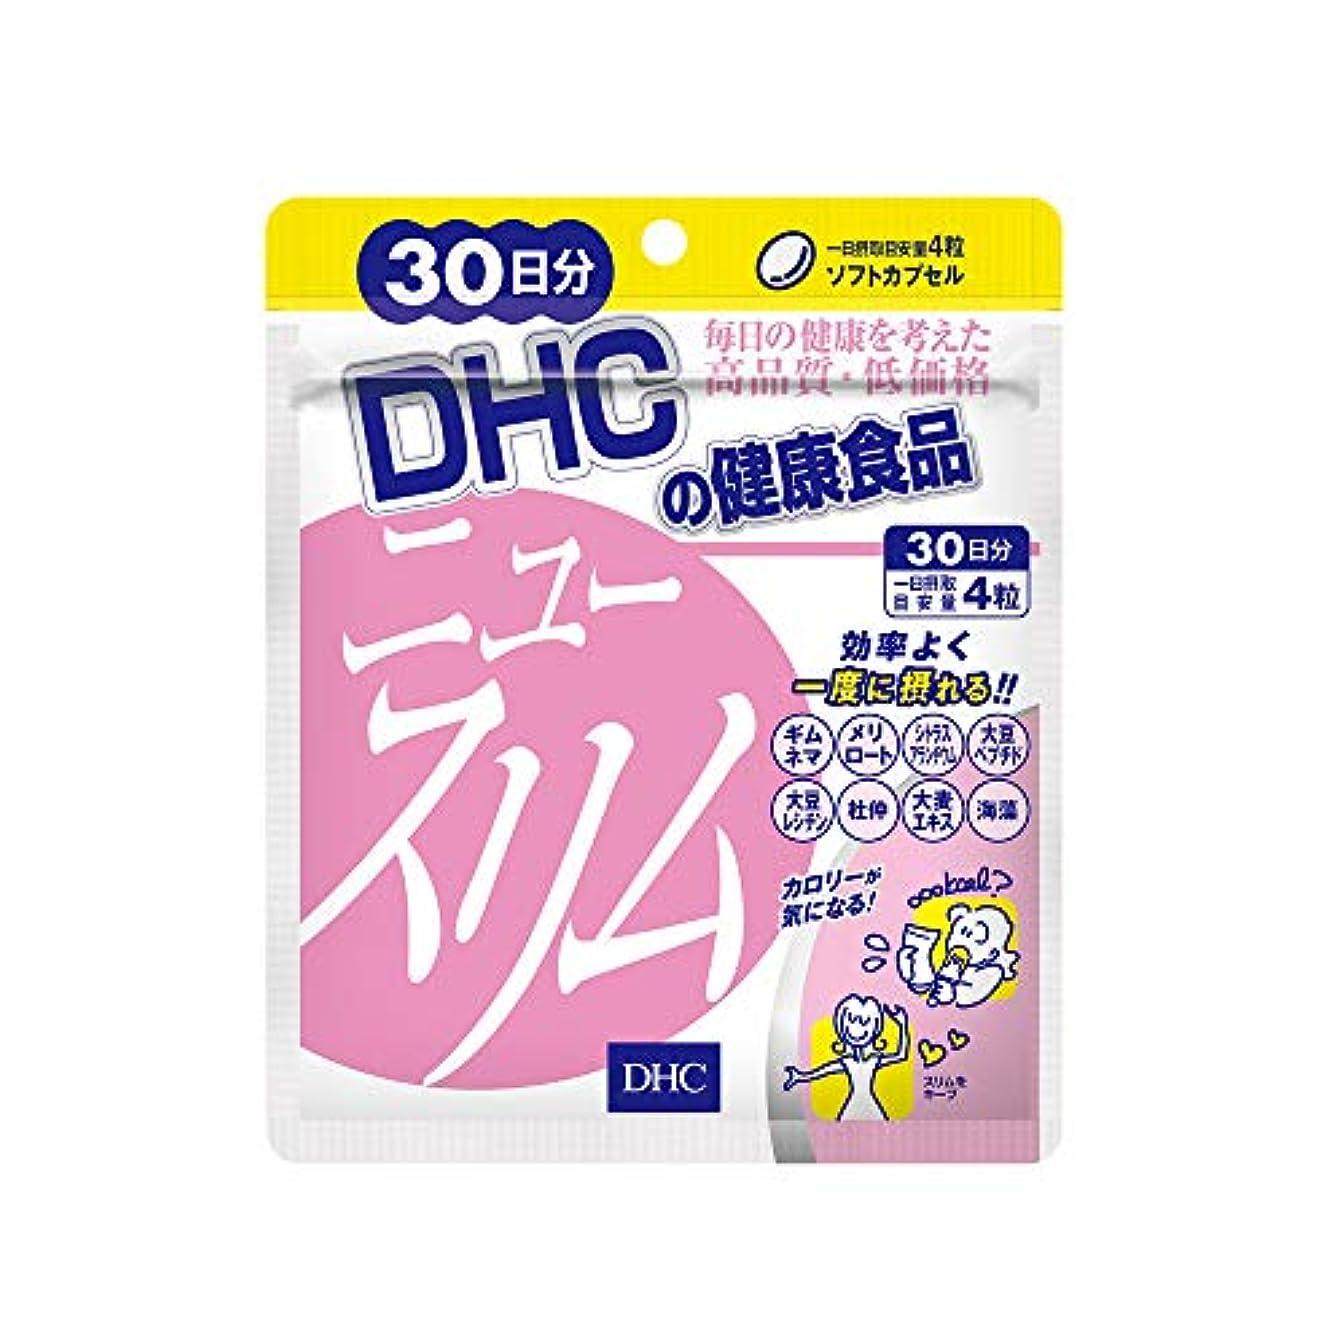 ノミネート会計士分割DHC ニュースリム 30日分